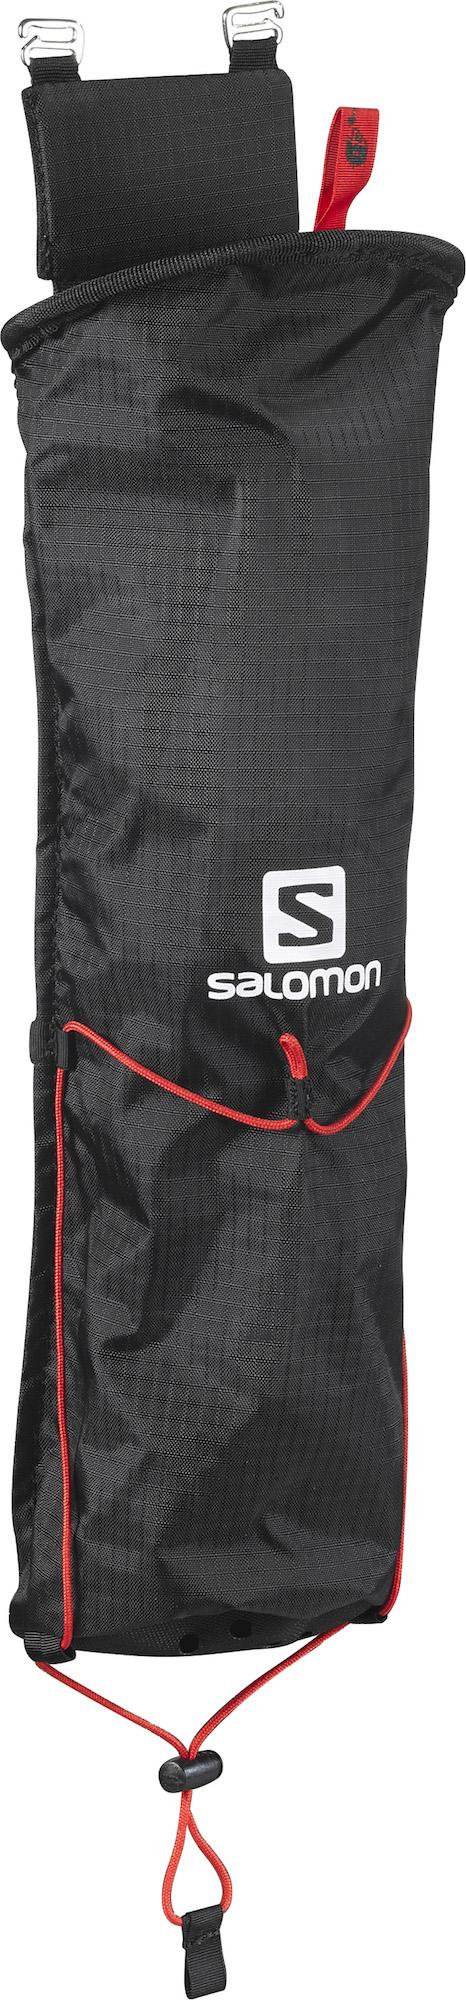 Salomon - Custom Quiver - Trekking pad